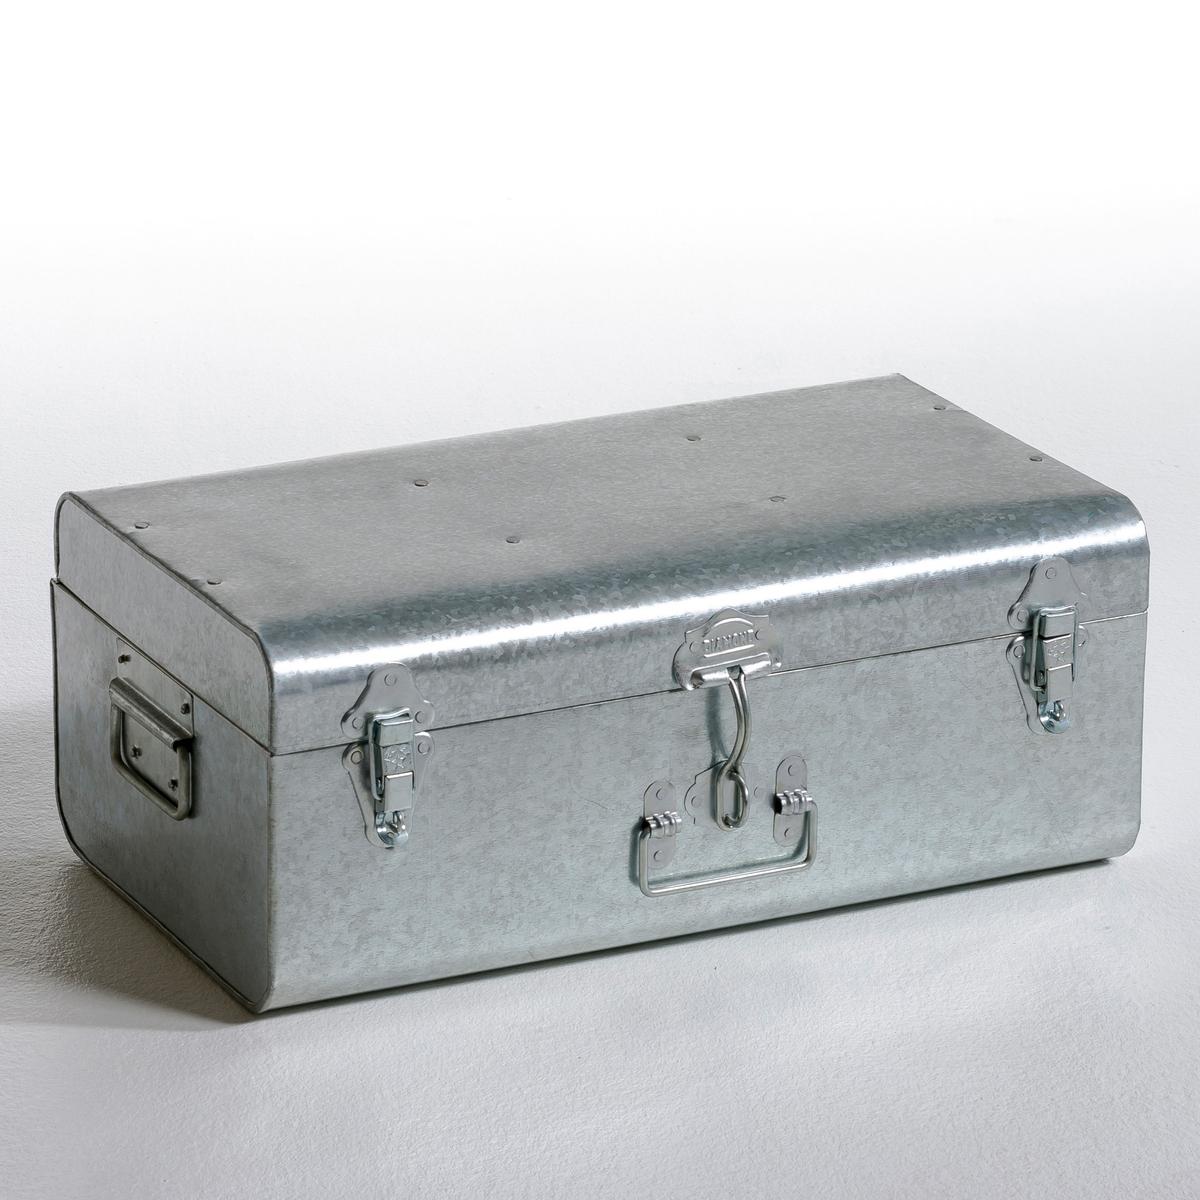 Сундук металлический DeniseВ стиле старых дорожных чемоданов, этот симпатичный металлический сундук идеален для хранения журналов, фотографий, одеждыИз оцинкованного металла. 2 ручки по бокам, 1 спереди.                           Закрывается на 3 защёлки спереди. Размер. : Ш. 47x В. 19 x Г. 27 см.<br><br>Цвет: белый,желтый,леопардовый рисунок,розовый телесный,серый,синий,хаки,черный<br>Размер: 47 x 27 x 19